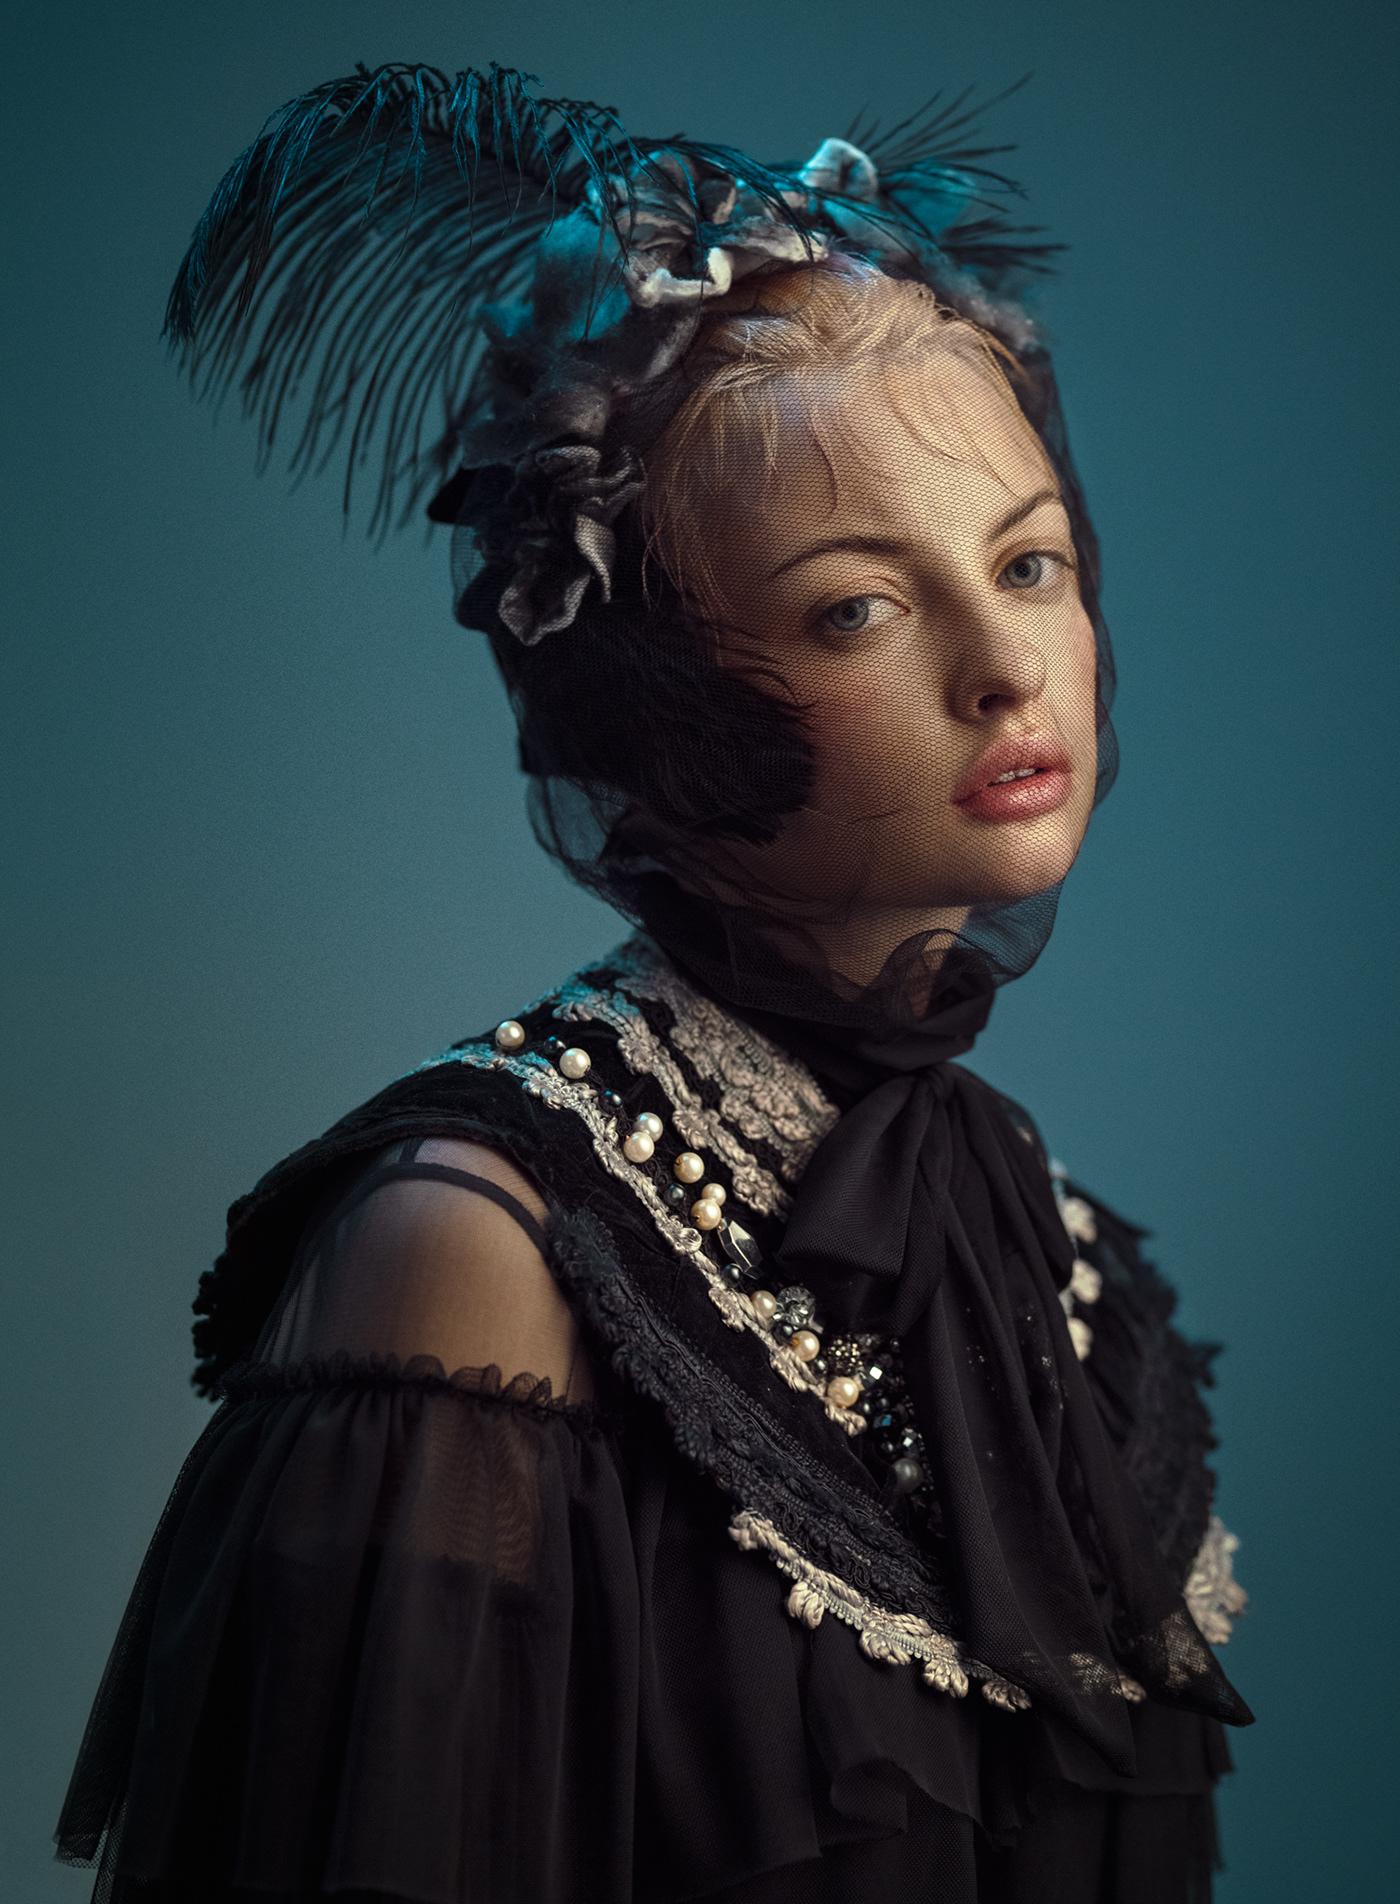 EVA / фотограф Joanna Kustra